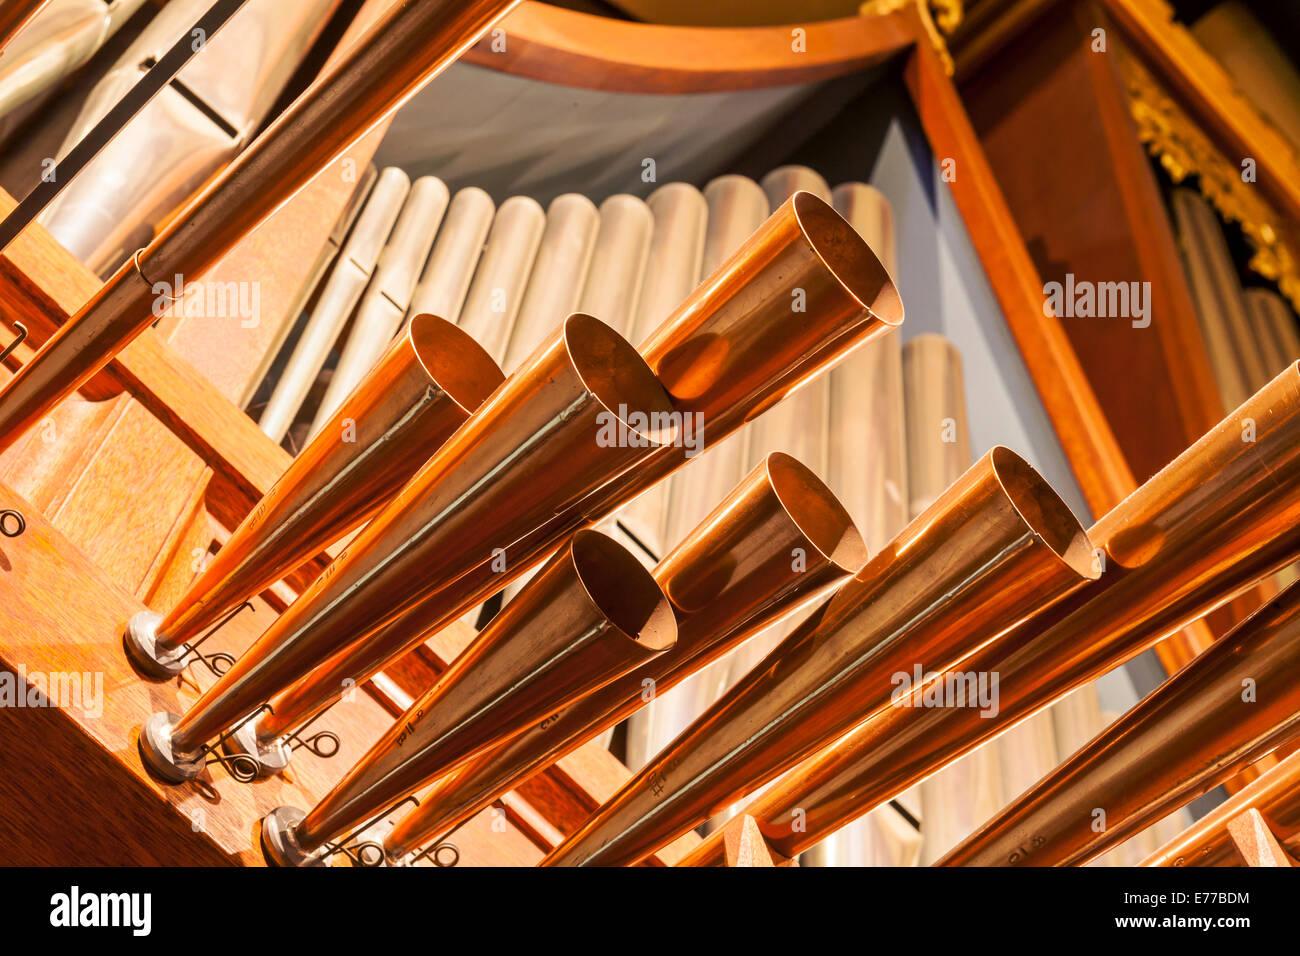 Eine Orgel in einer Kirche. Stockbild